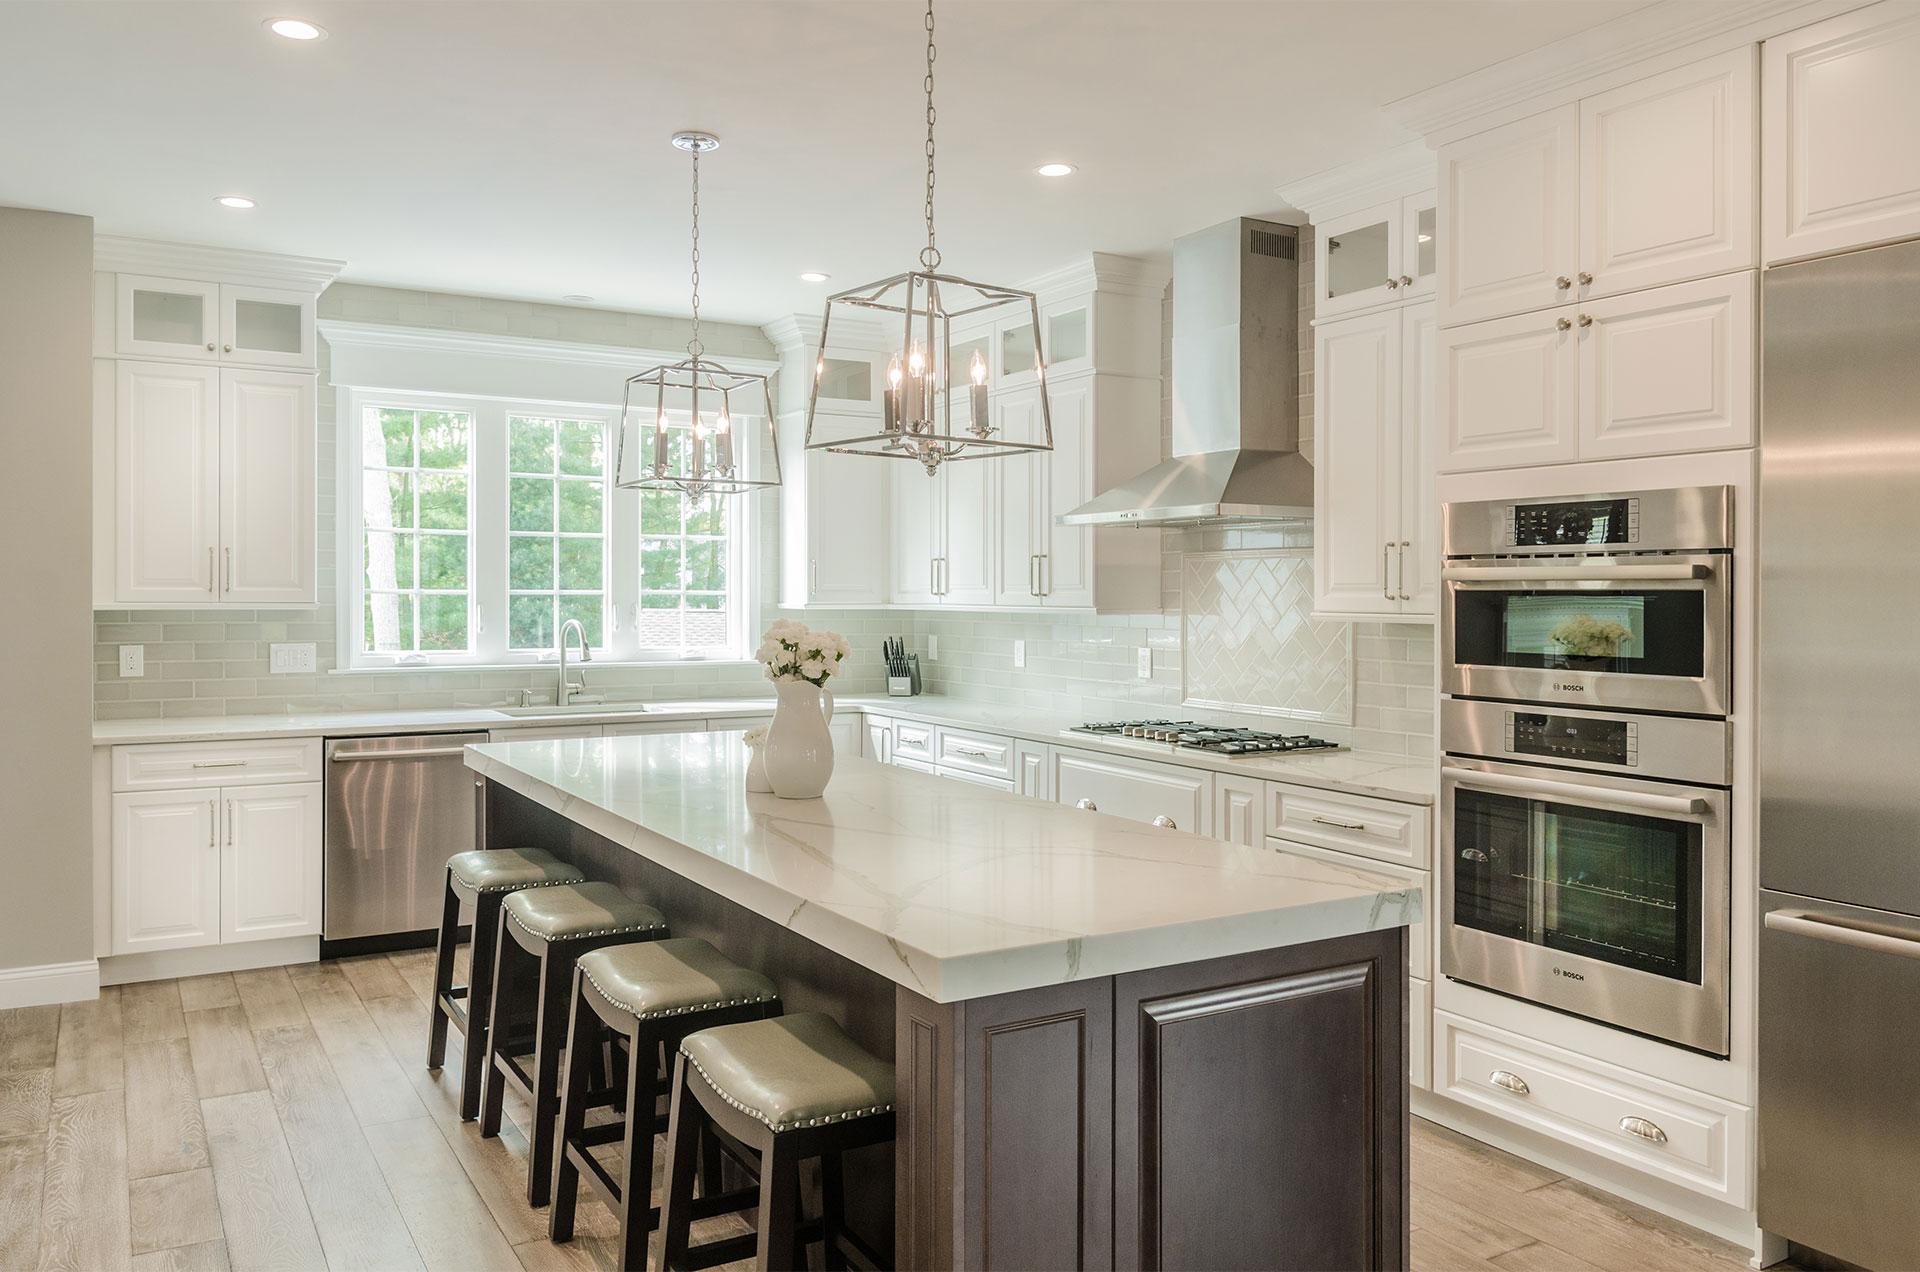 Colmar Kitchen Bath Studio Margate Nj Avalon Nj Traditional Kitchen Magnolia Court Northfield Nj